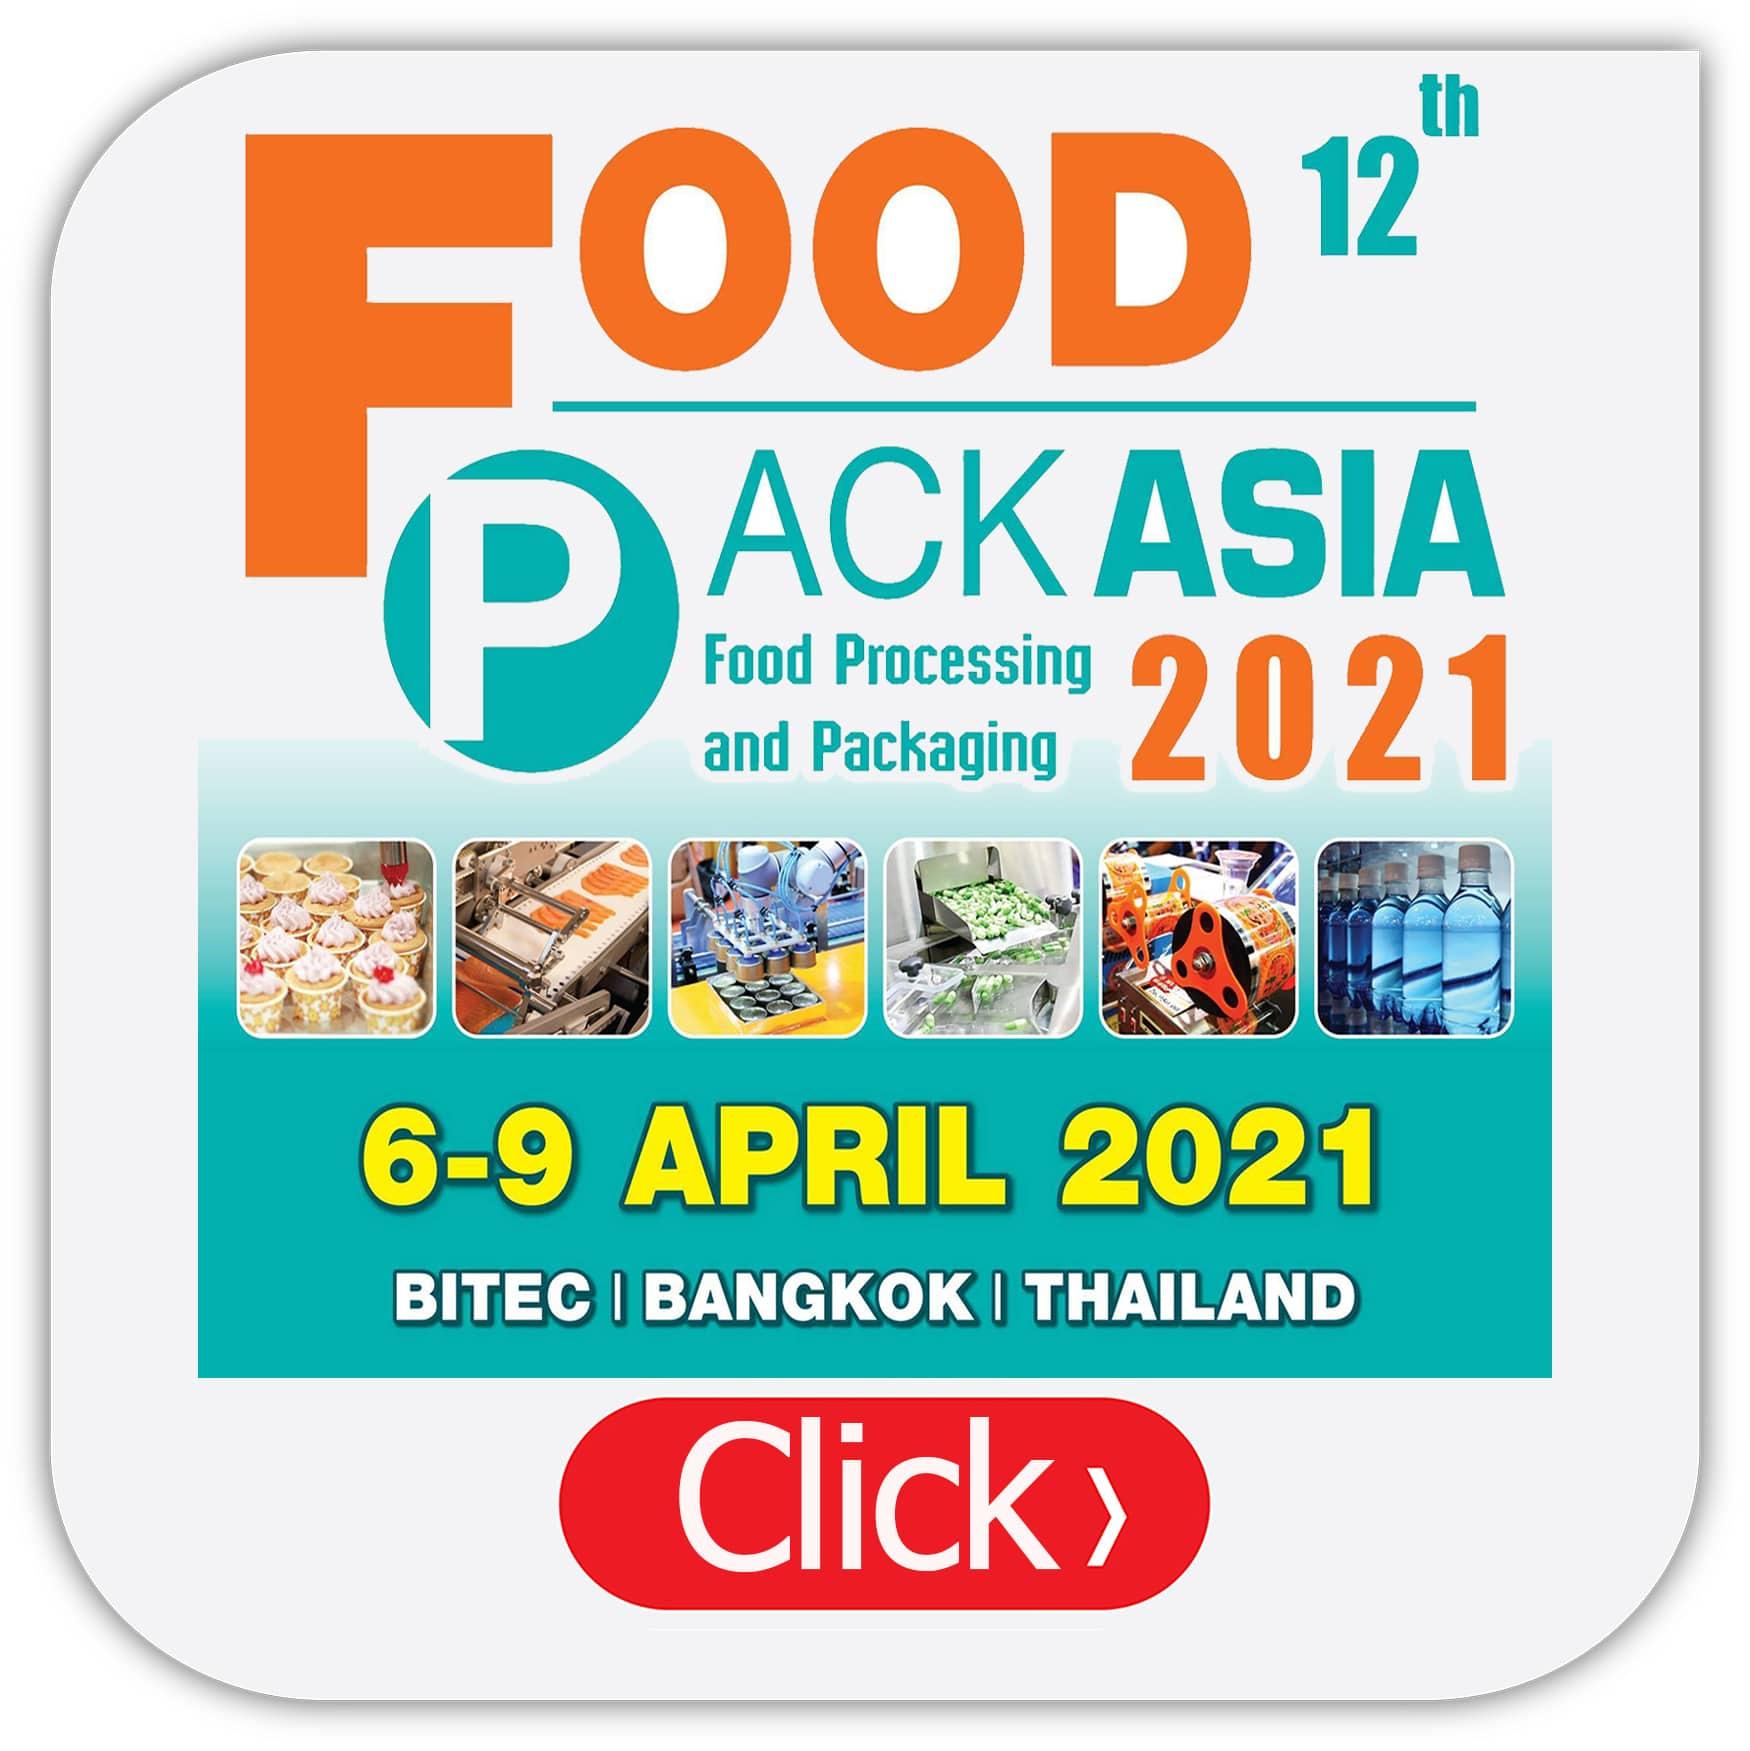 link-en-foodpackasia